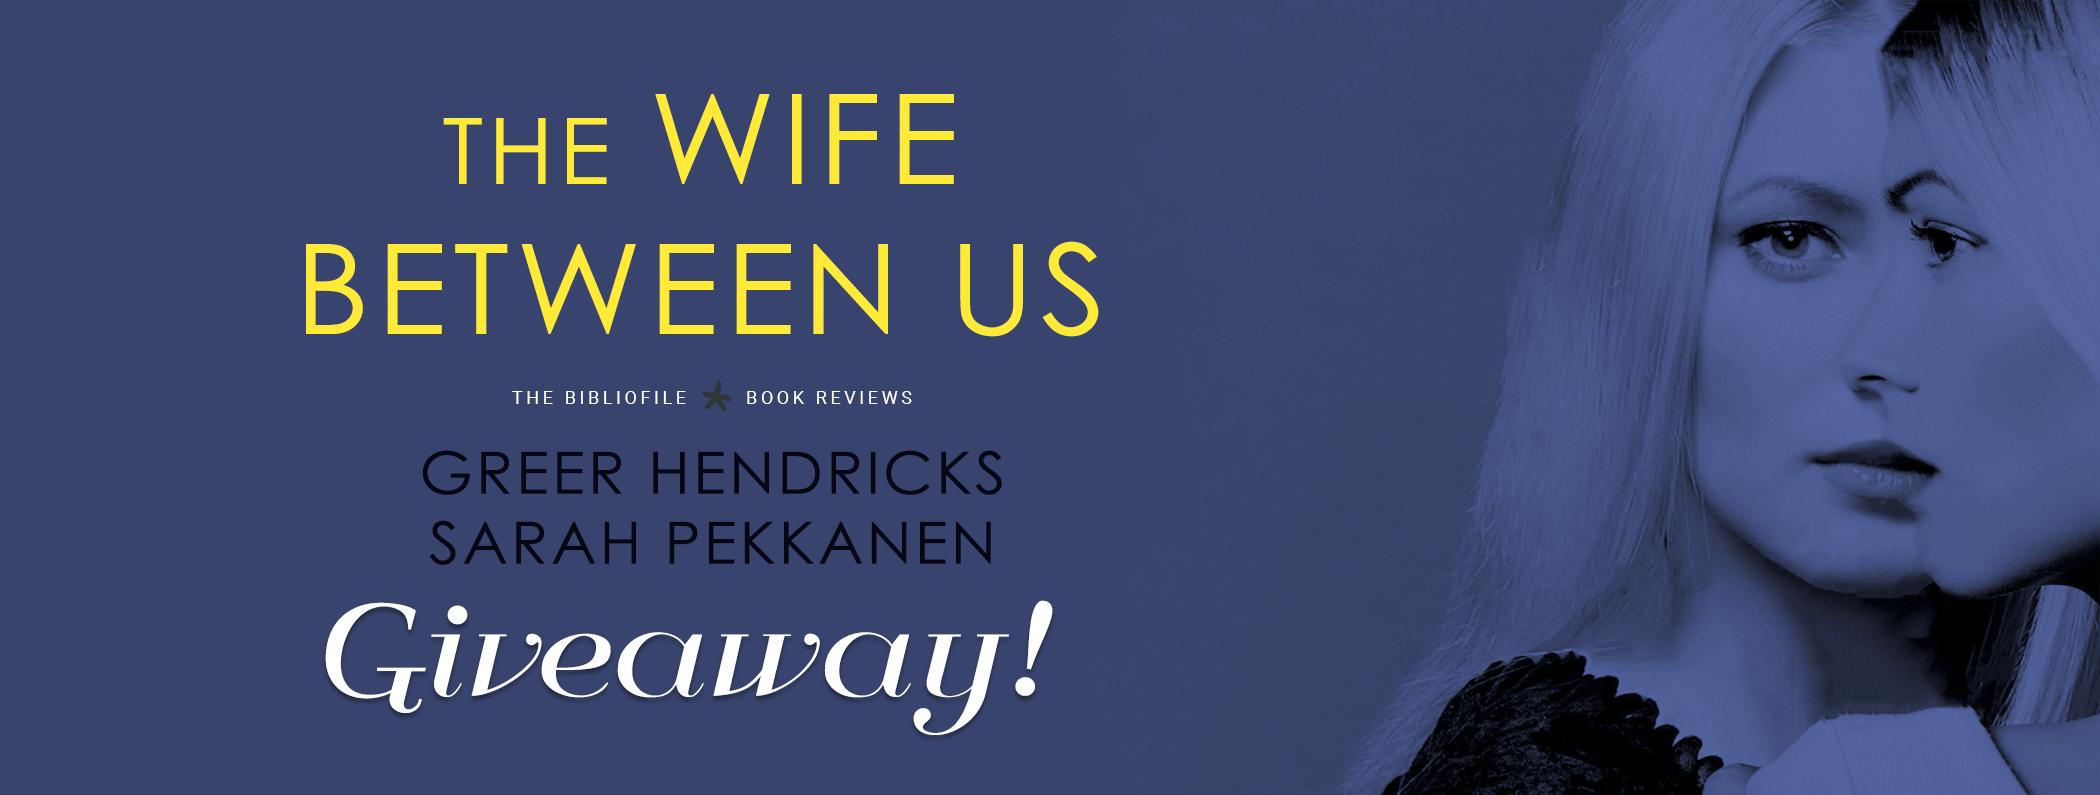 thewifebetweenus